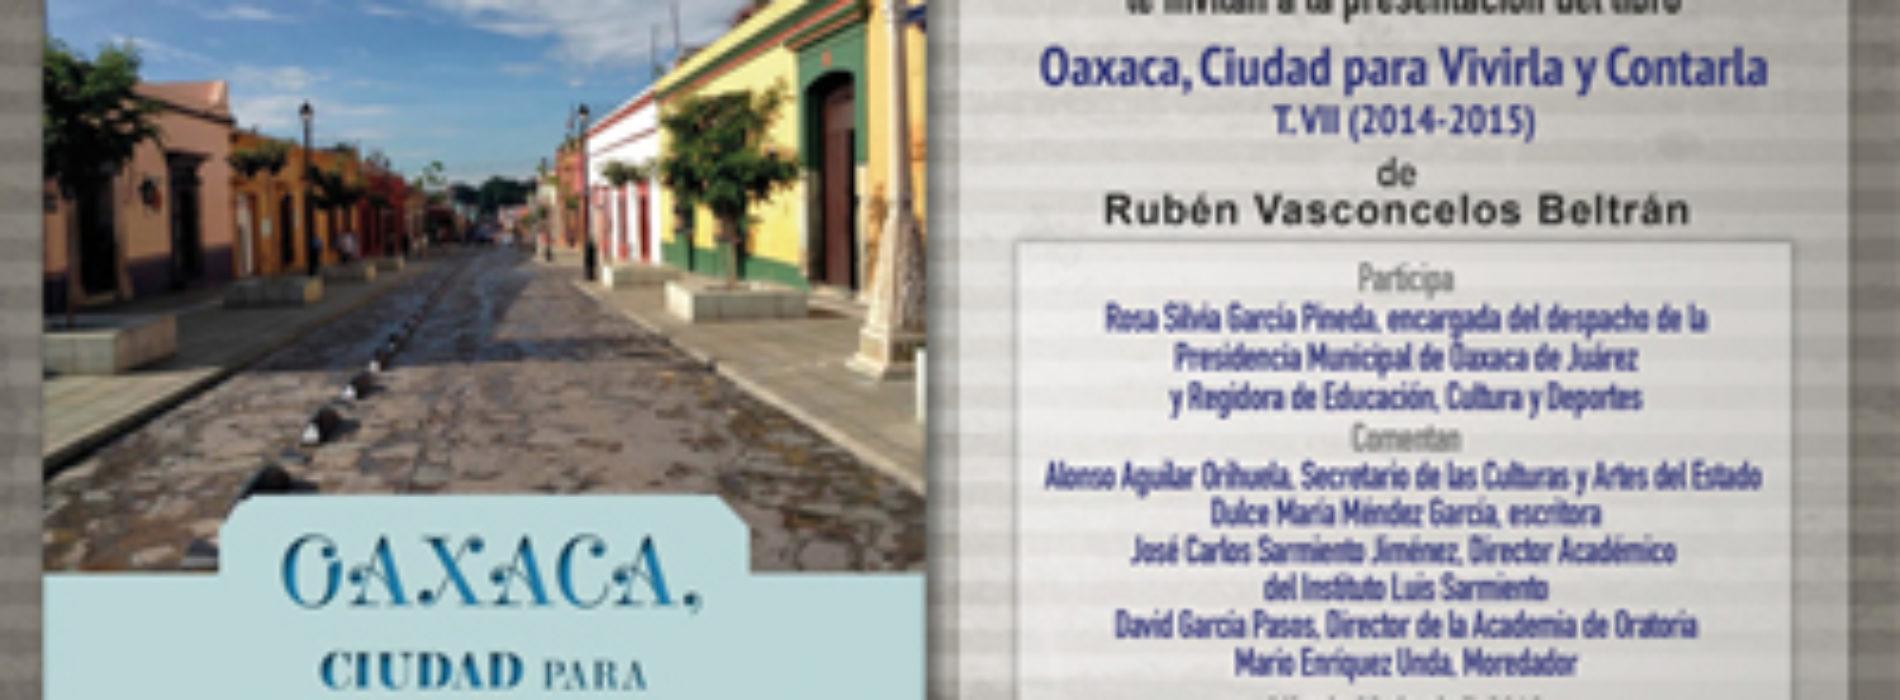 """Presentarán libro """"Oaxaca, ciudad para vivirla y contarla"""""""